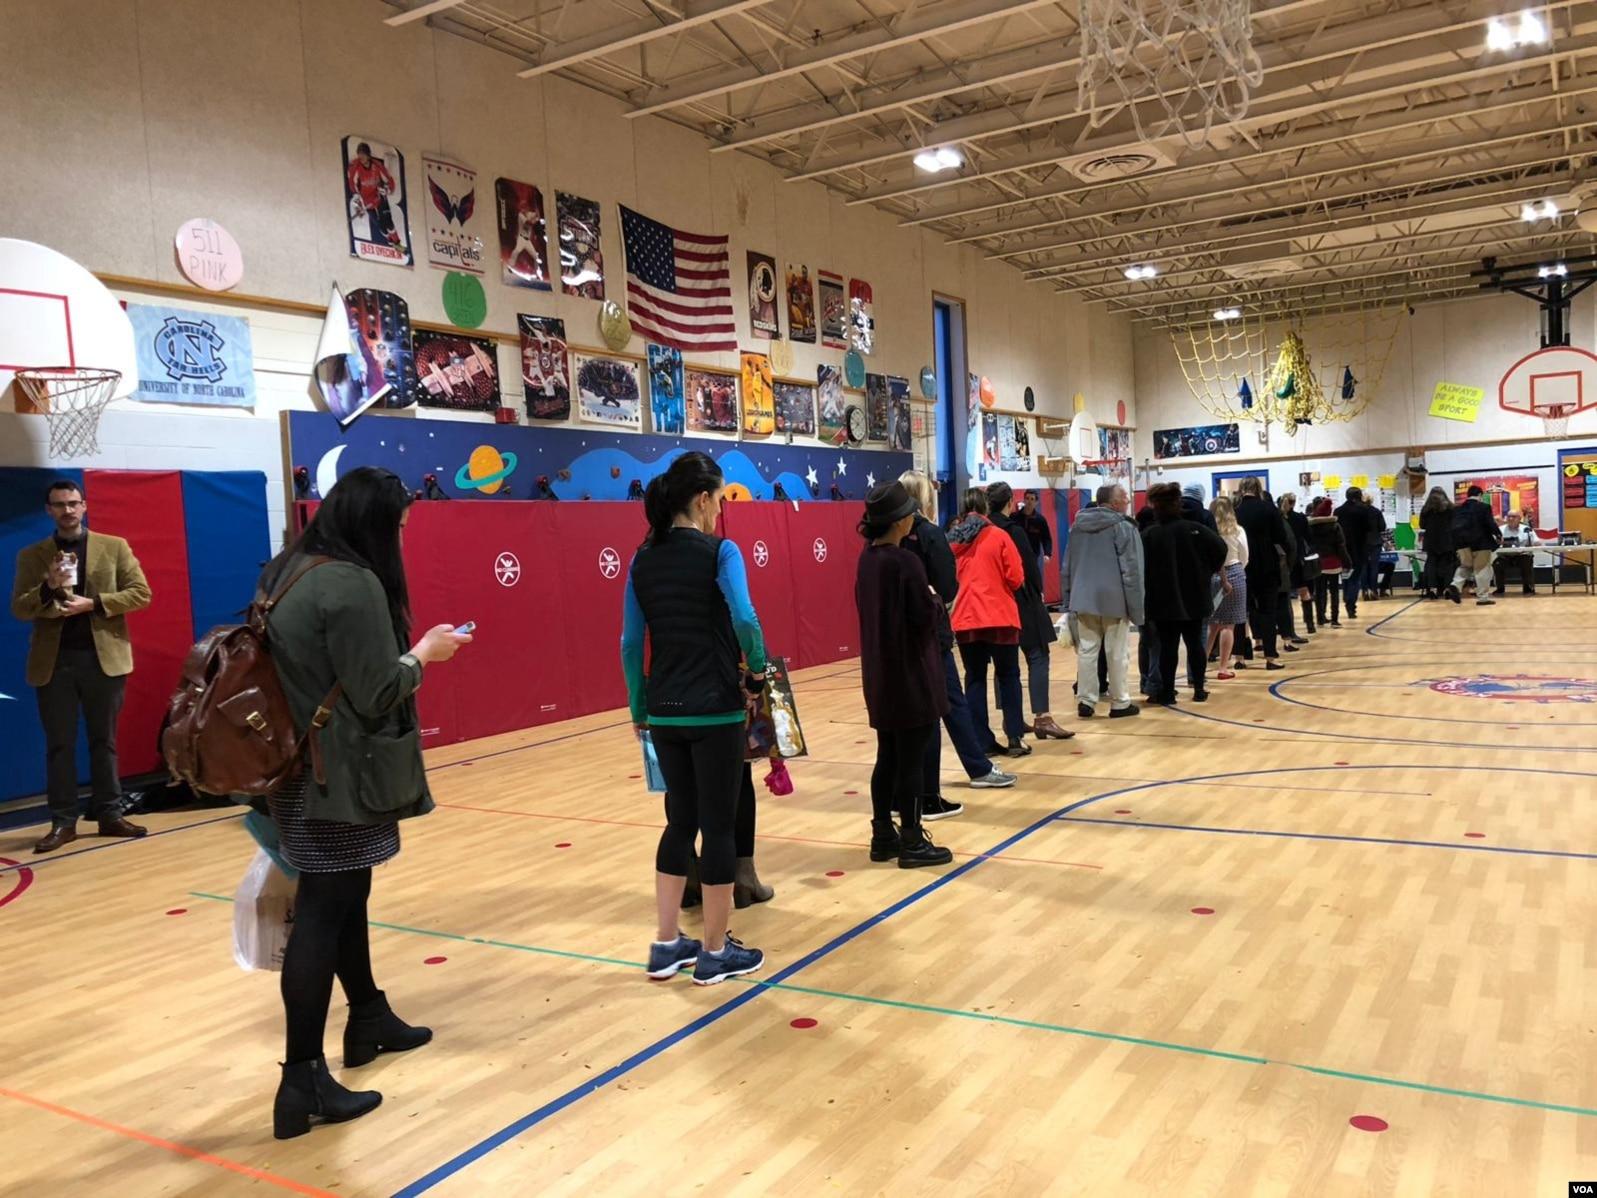 Votantes en Arlington, Virginia, aguardan en fila para emitir su voto en las elecciones de medio término el martes, 6 de noviembre de 2018.